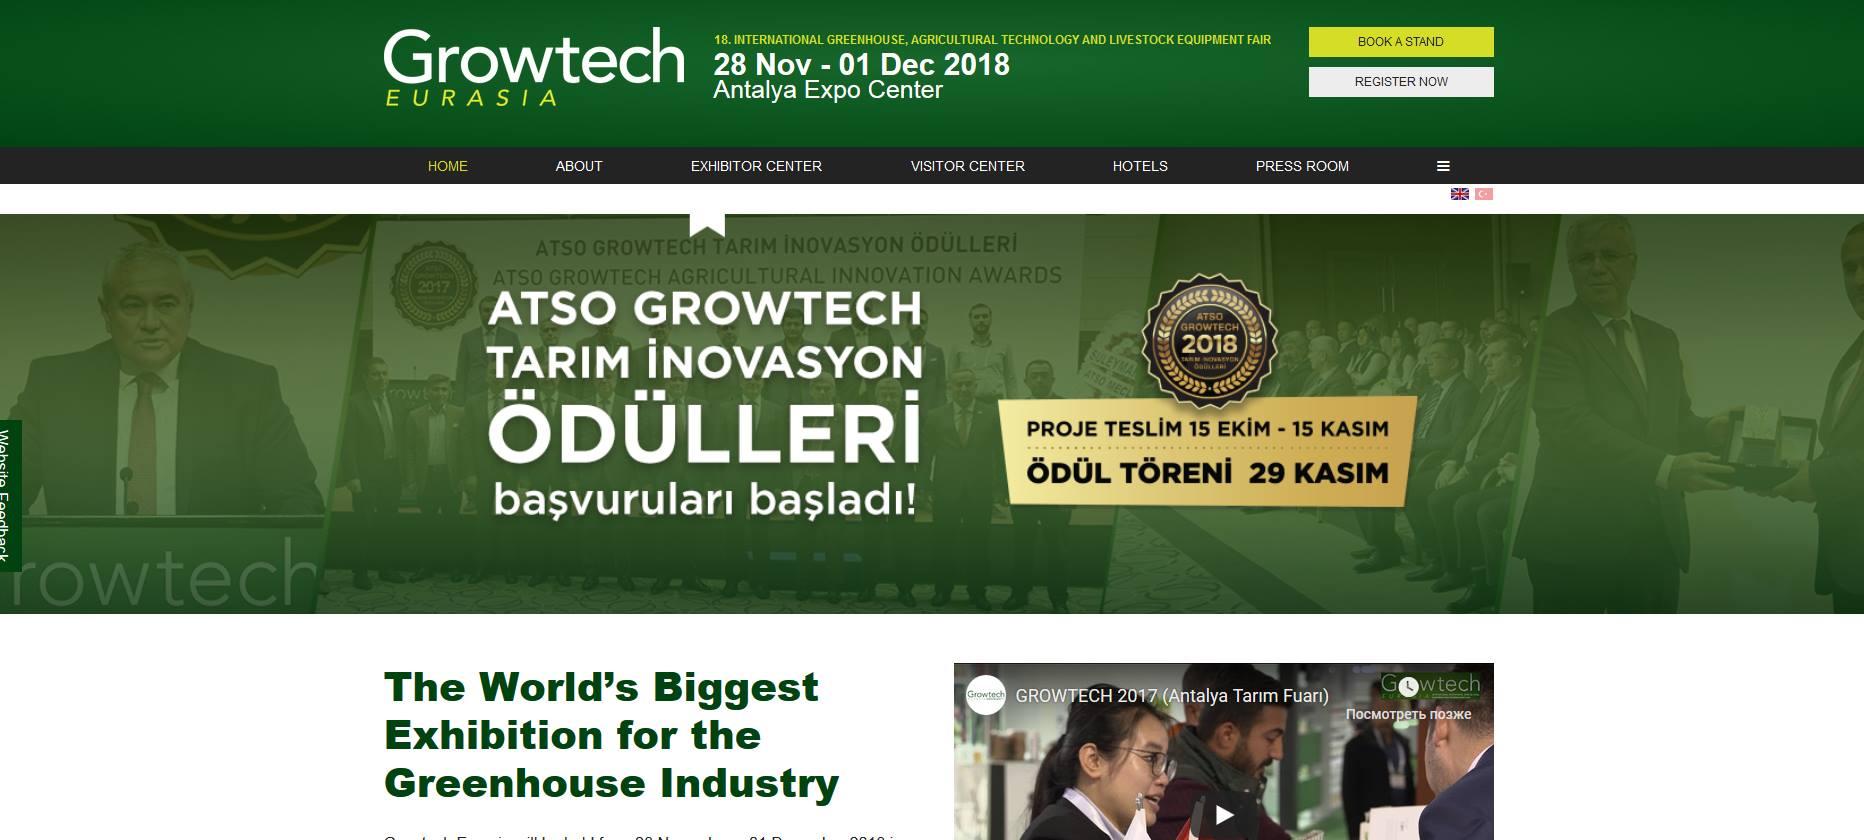 Growtech Eurasia 2018